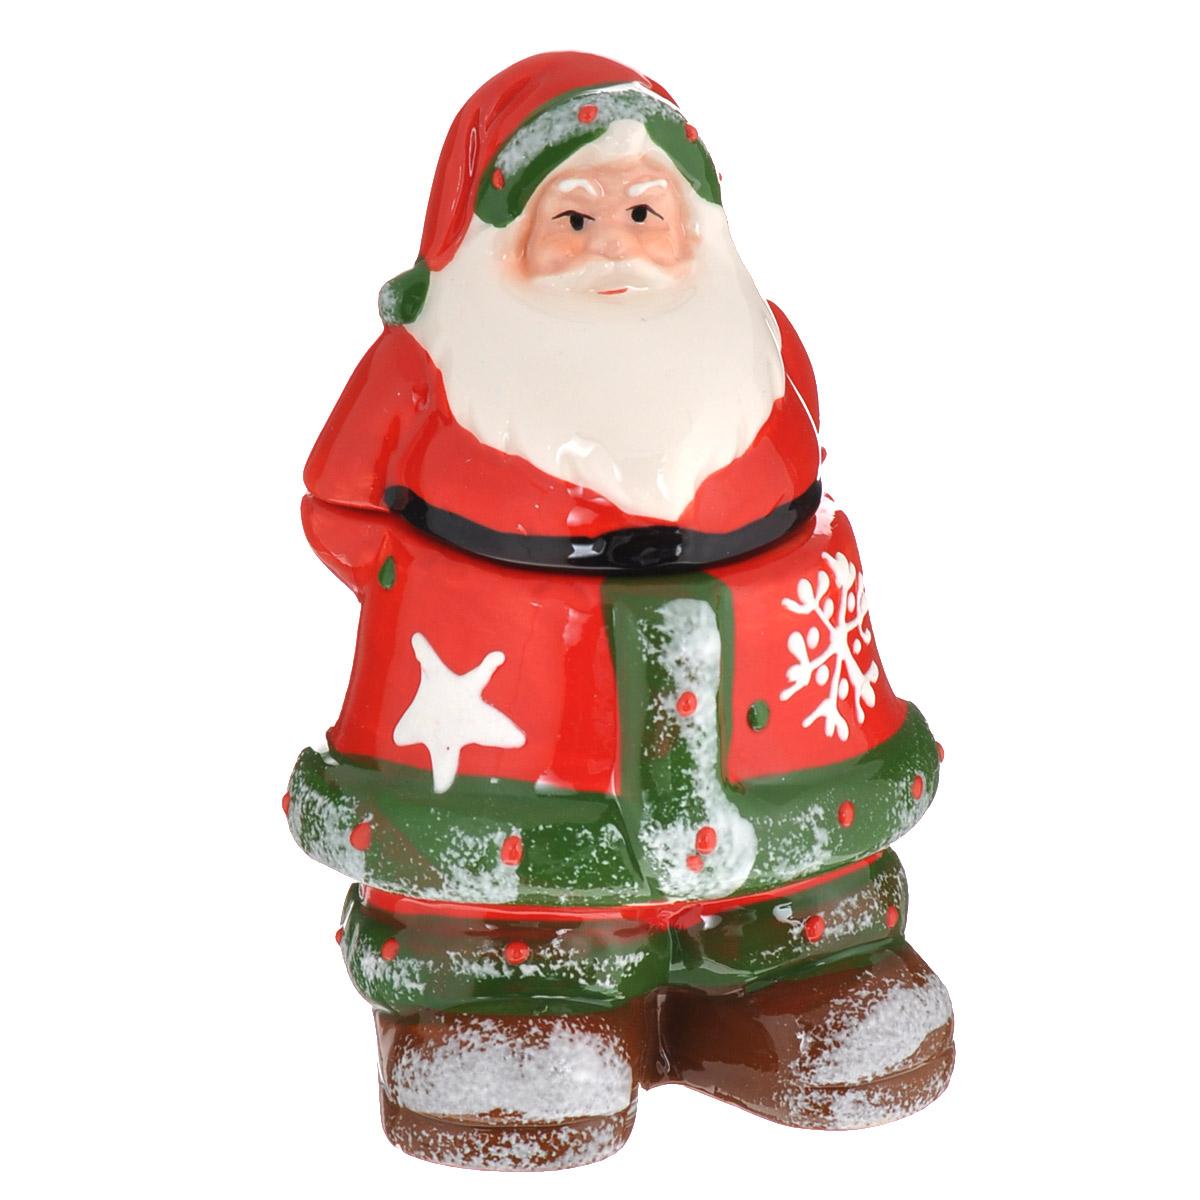 Конфетница Lillo Дед Мороз, 5 х 5 х 14 см115510Конфетница Lillo Дед Мороз изготовлена из высококачественной керамики и выполнена в форме Деда Мороза. Изделие снабжено крышкой и прекрасно подходит для хранения и сервировки конфет. Конфетница Lillo станет отличным подарком к Новому году и порадует вас и ваших близких ярким дизайном. Остерегаться сильных ударов. Не применять абразивные чистящие вещества.